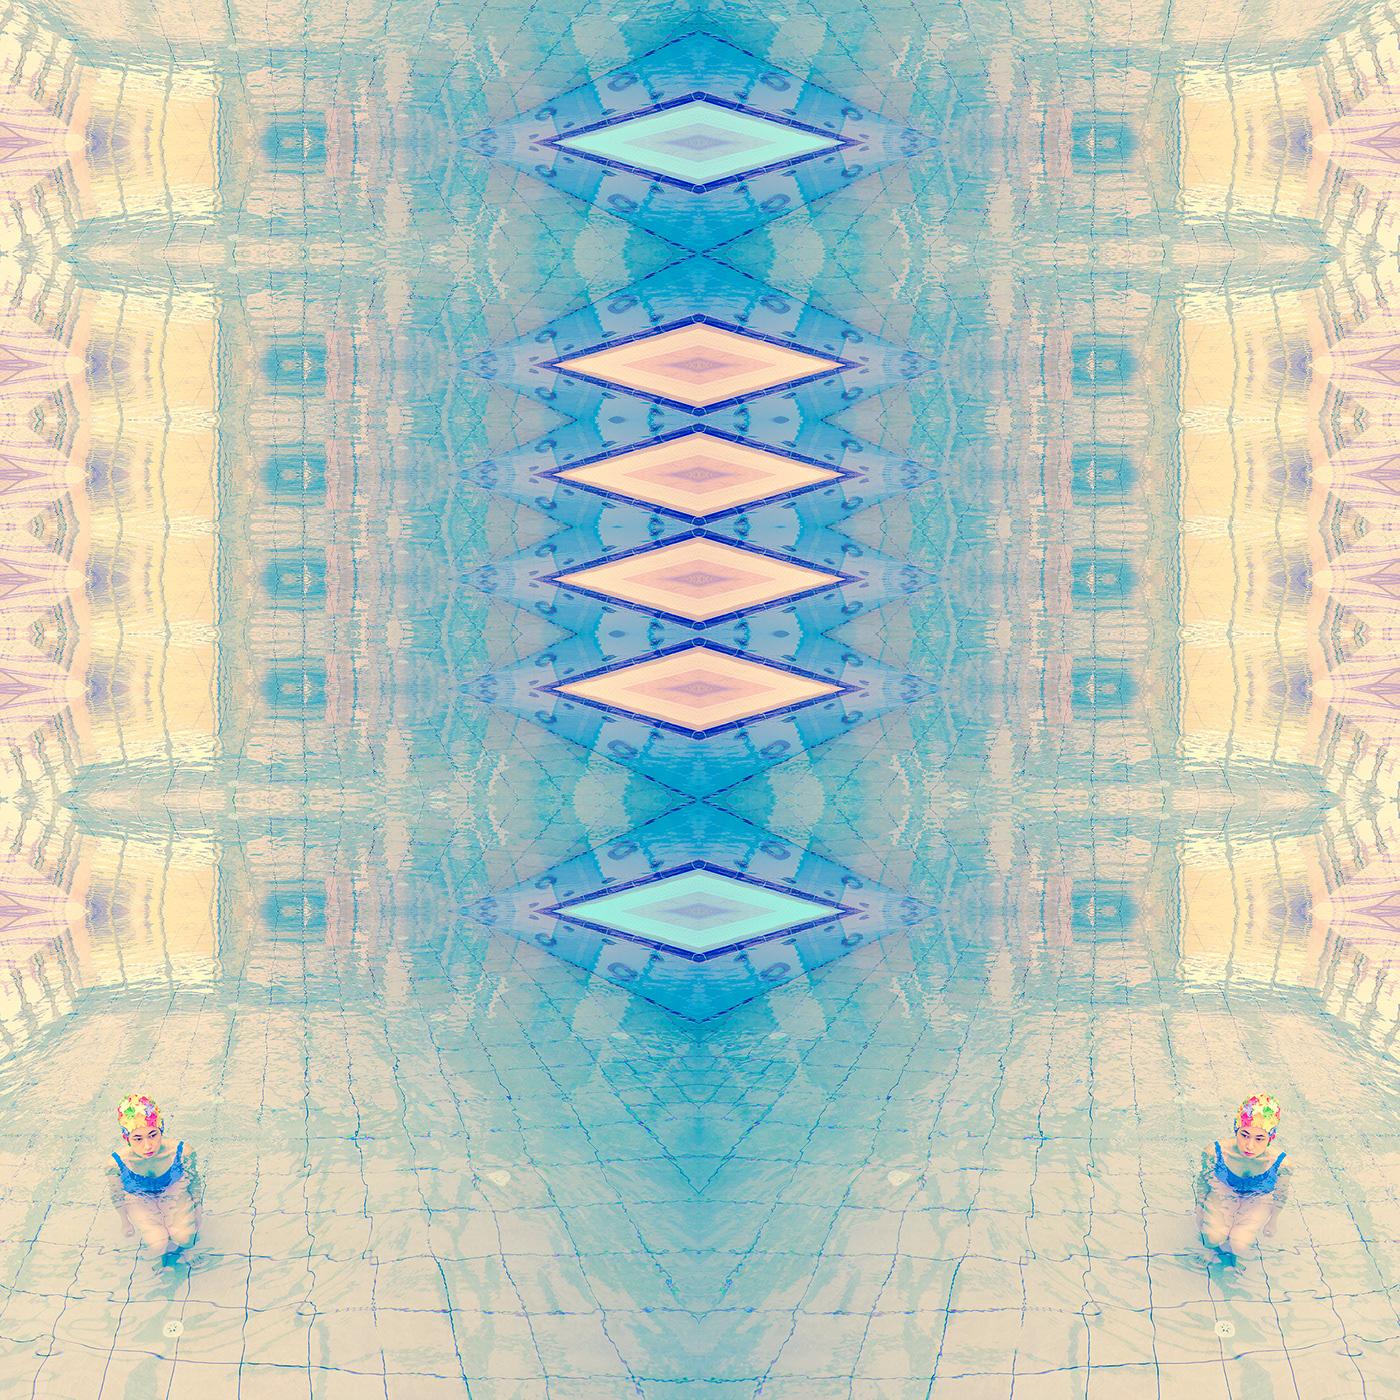 arte colors design FINEART Geometrical Minimalism niche oriental perpective surreal